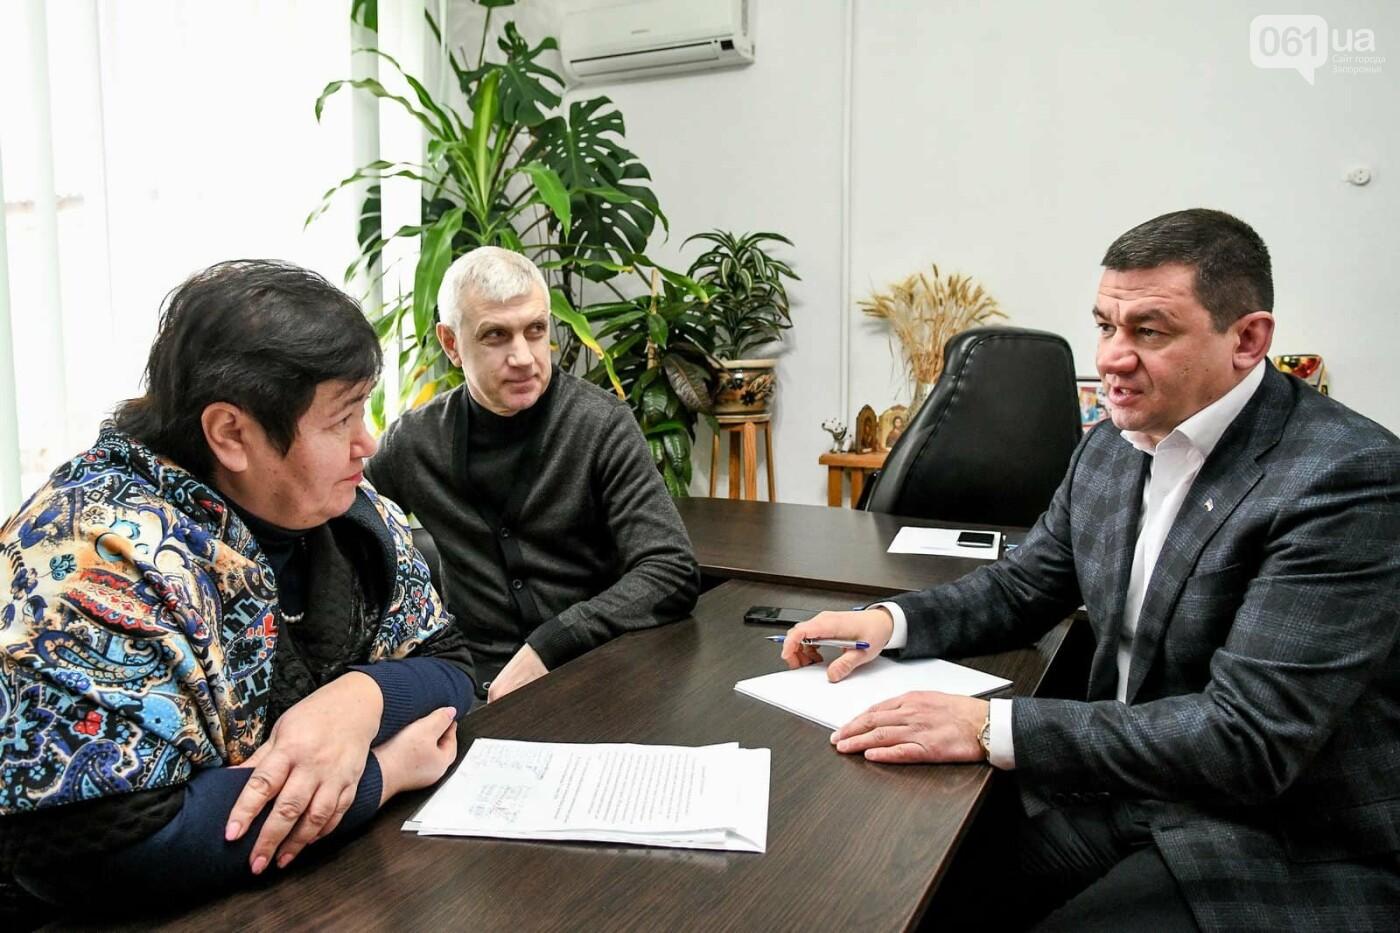 Кто помогает и советует запорожскому мэру, губернатору и главе облсовета, фото-3